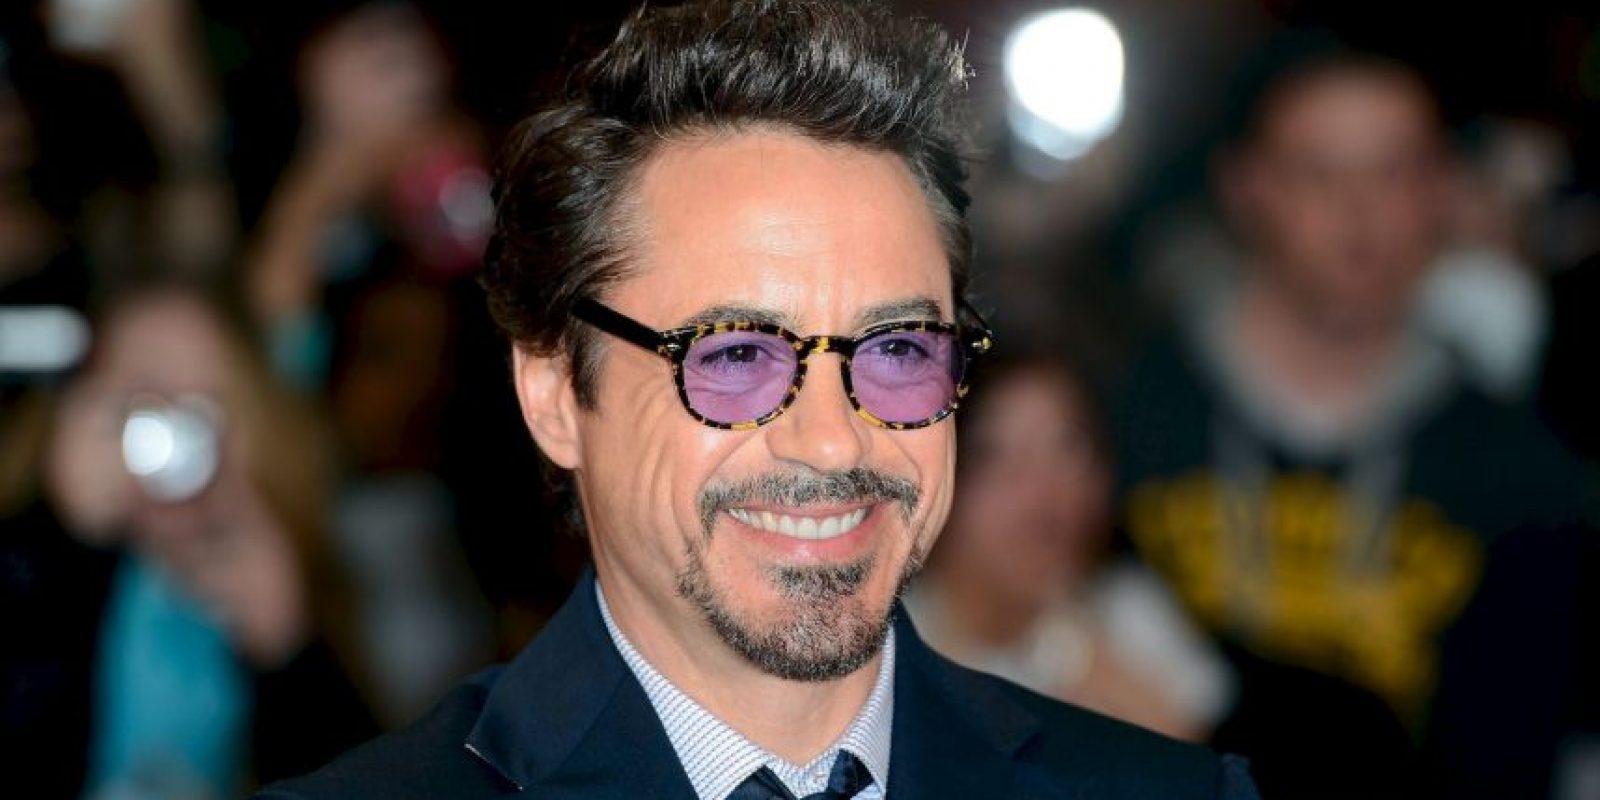 En los años noventa, Robert Downey Jr. pasó 16 meses en la cárcel por su adicción a las drogas. Foto:Getty Images